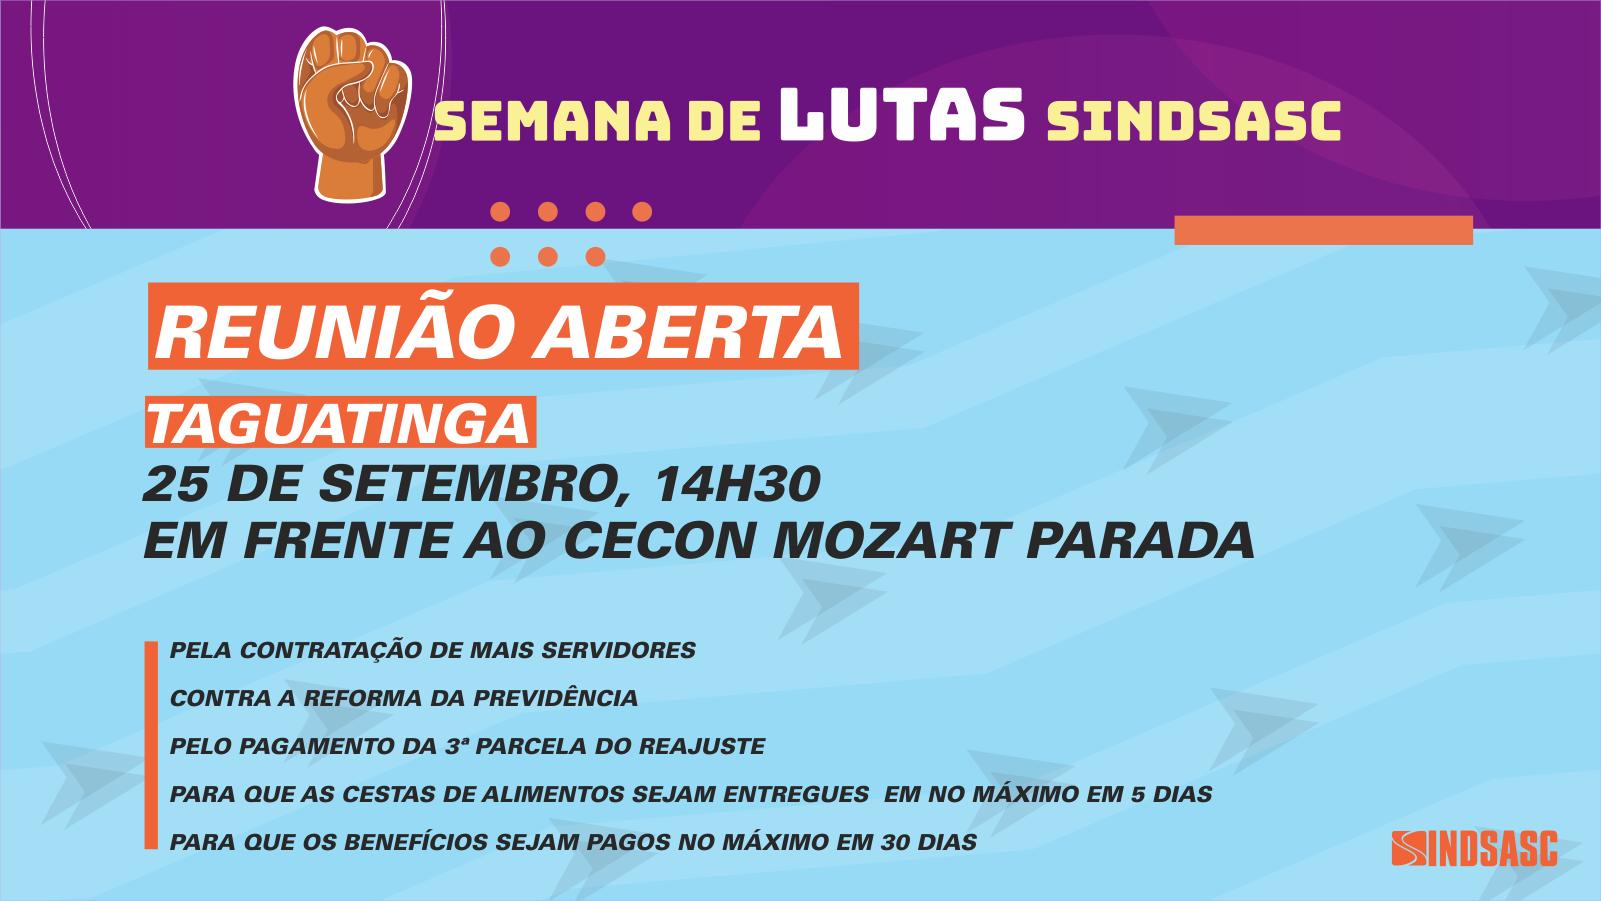 Sindsasc  faz reunião aberta em Taguatinga no dia 25 de setembro